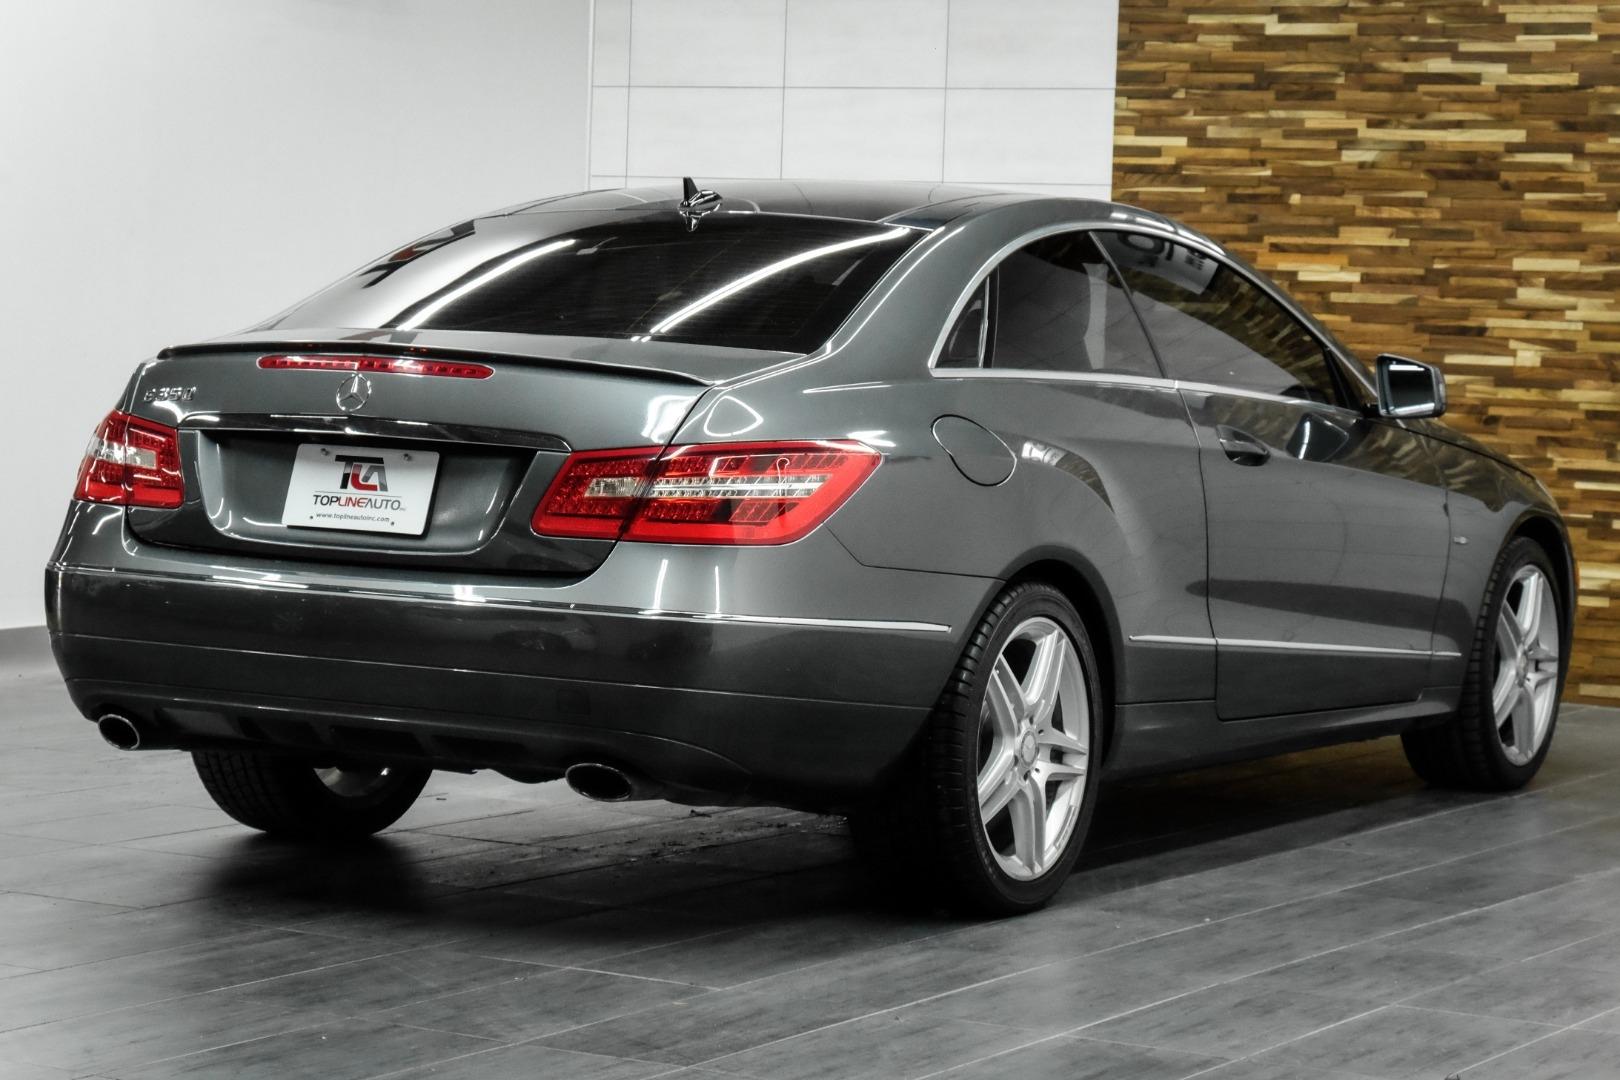 2012 Mercedes-Benz E-Class 2dr Cpe E 350 RWD Top Line Auto Inc.   Auto  dealership in Dallas